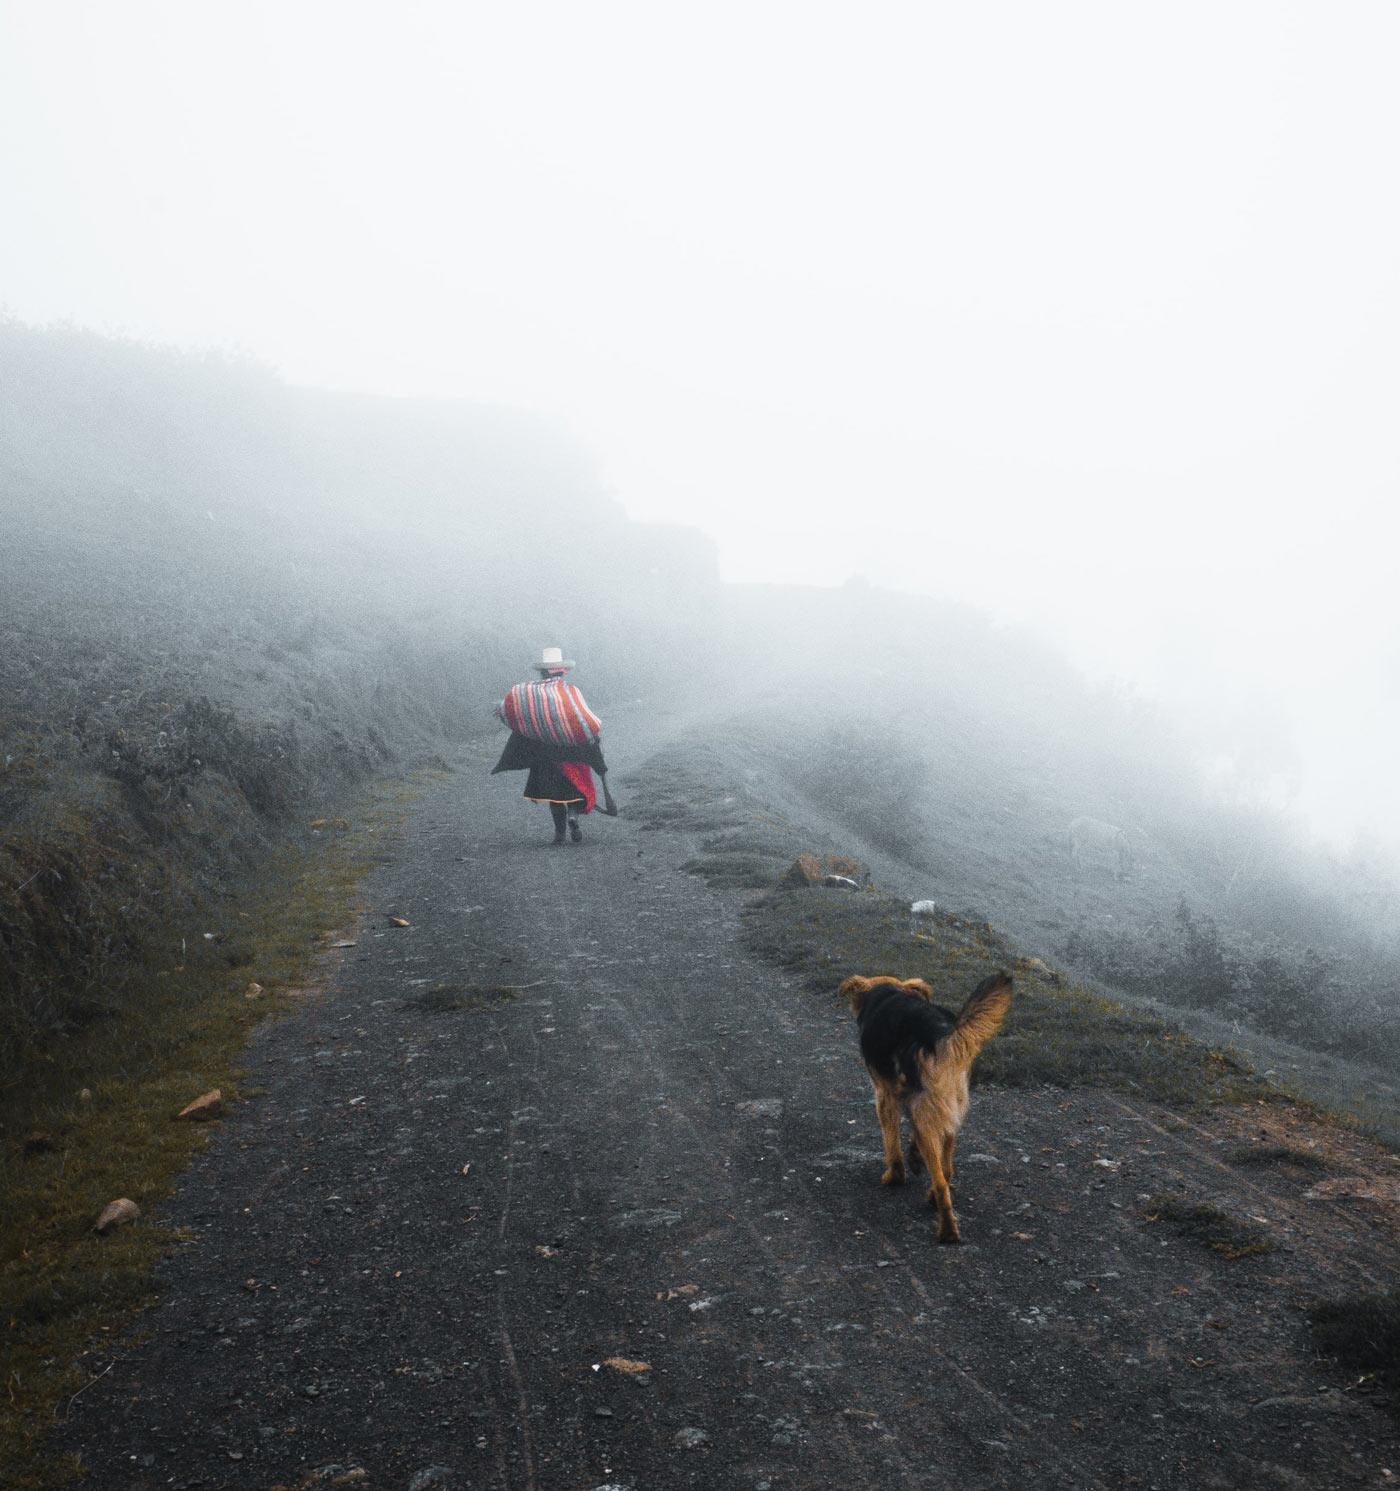 Bosques Verdes - Cajamarca, Peru